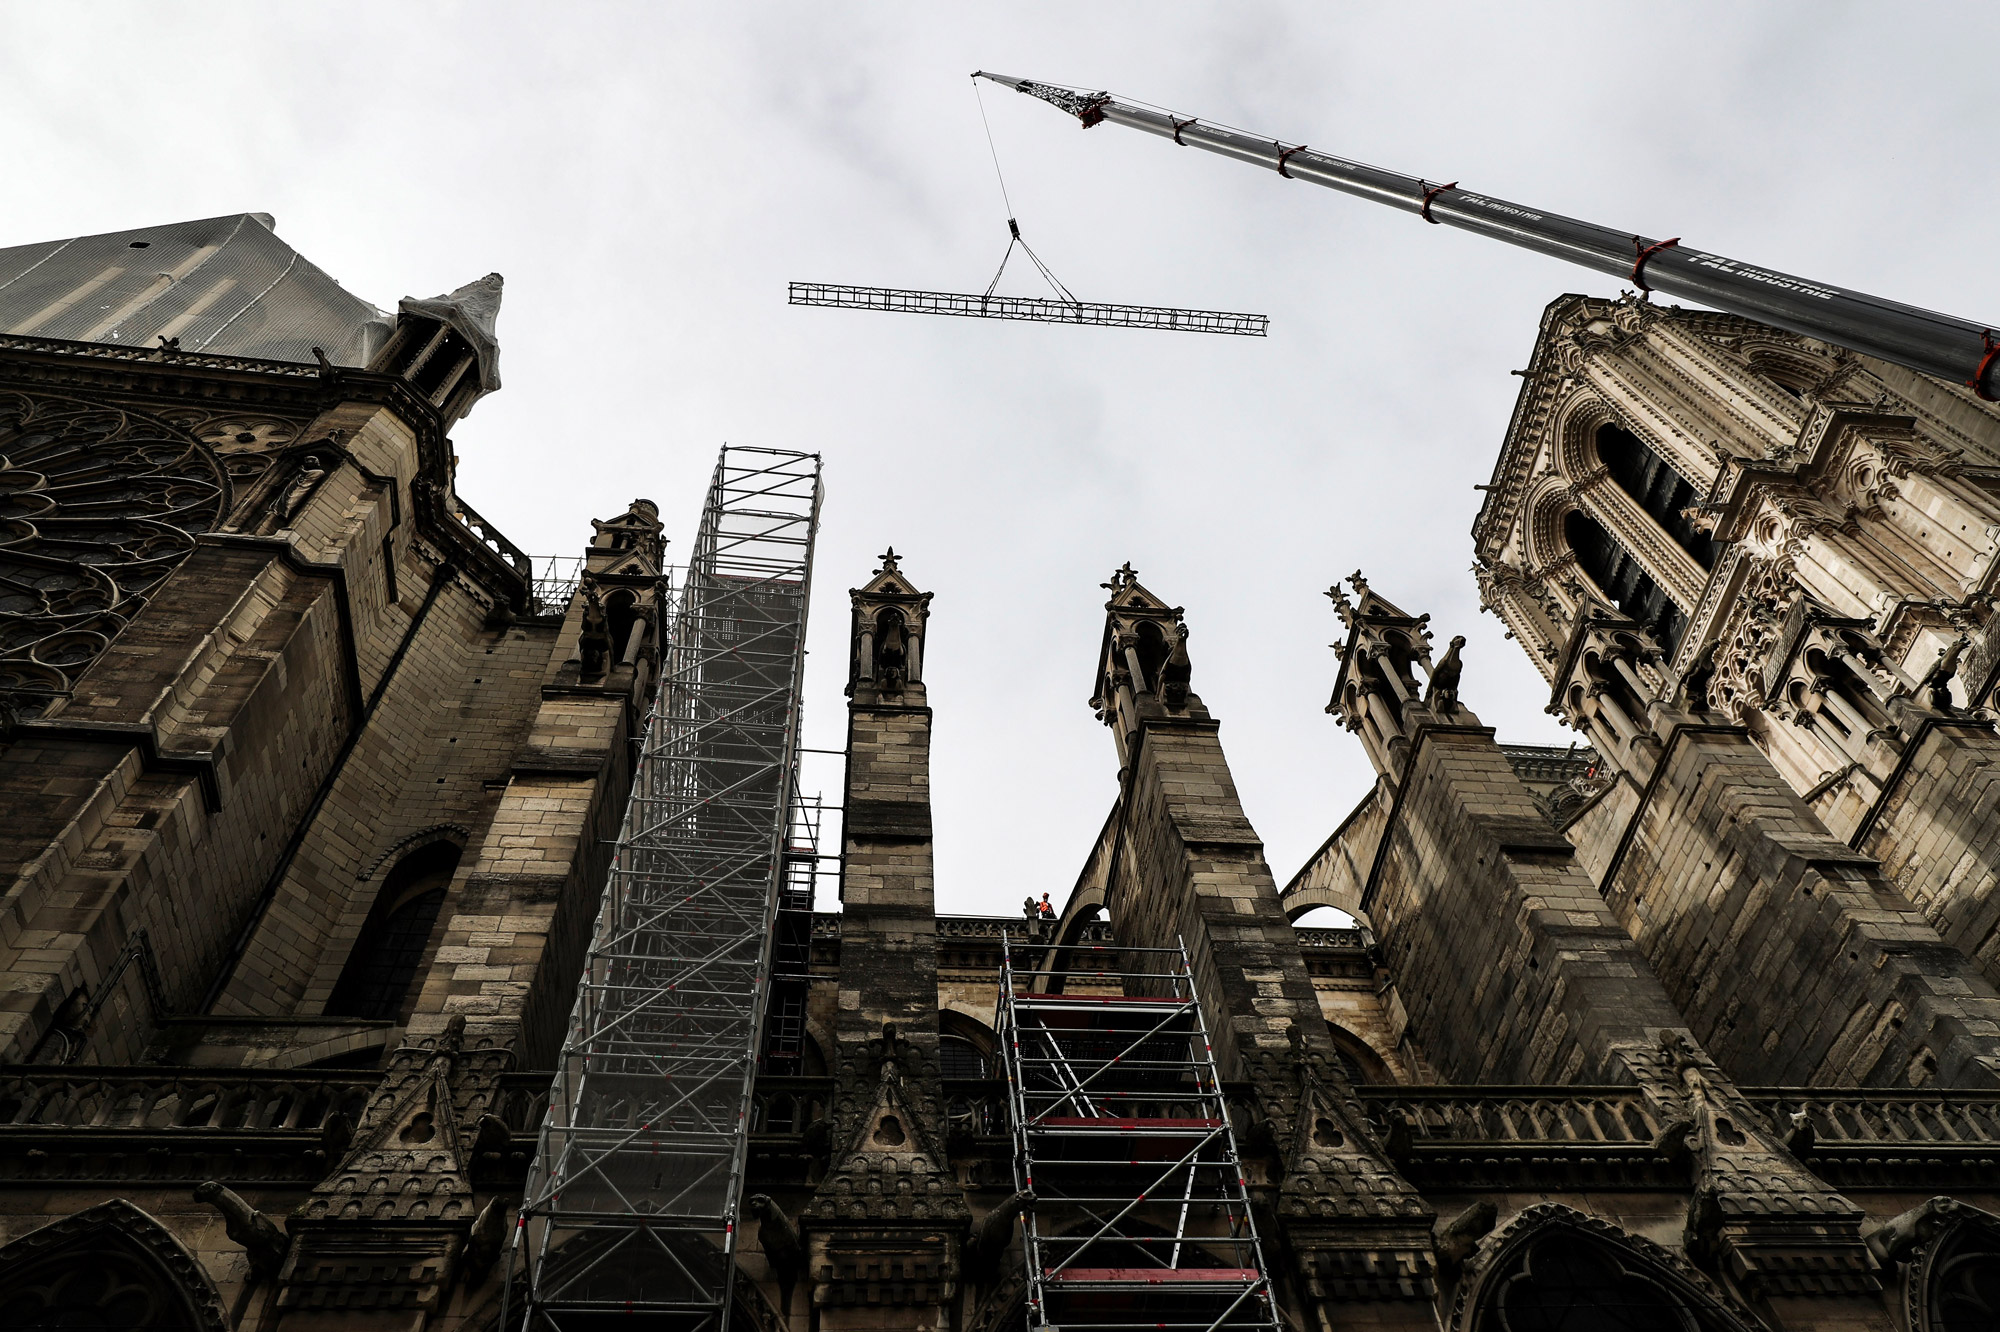 Près de Notre-Dame de Paris, le 23 avril